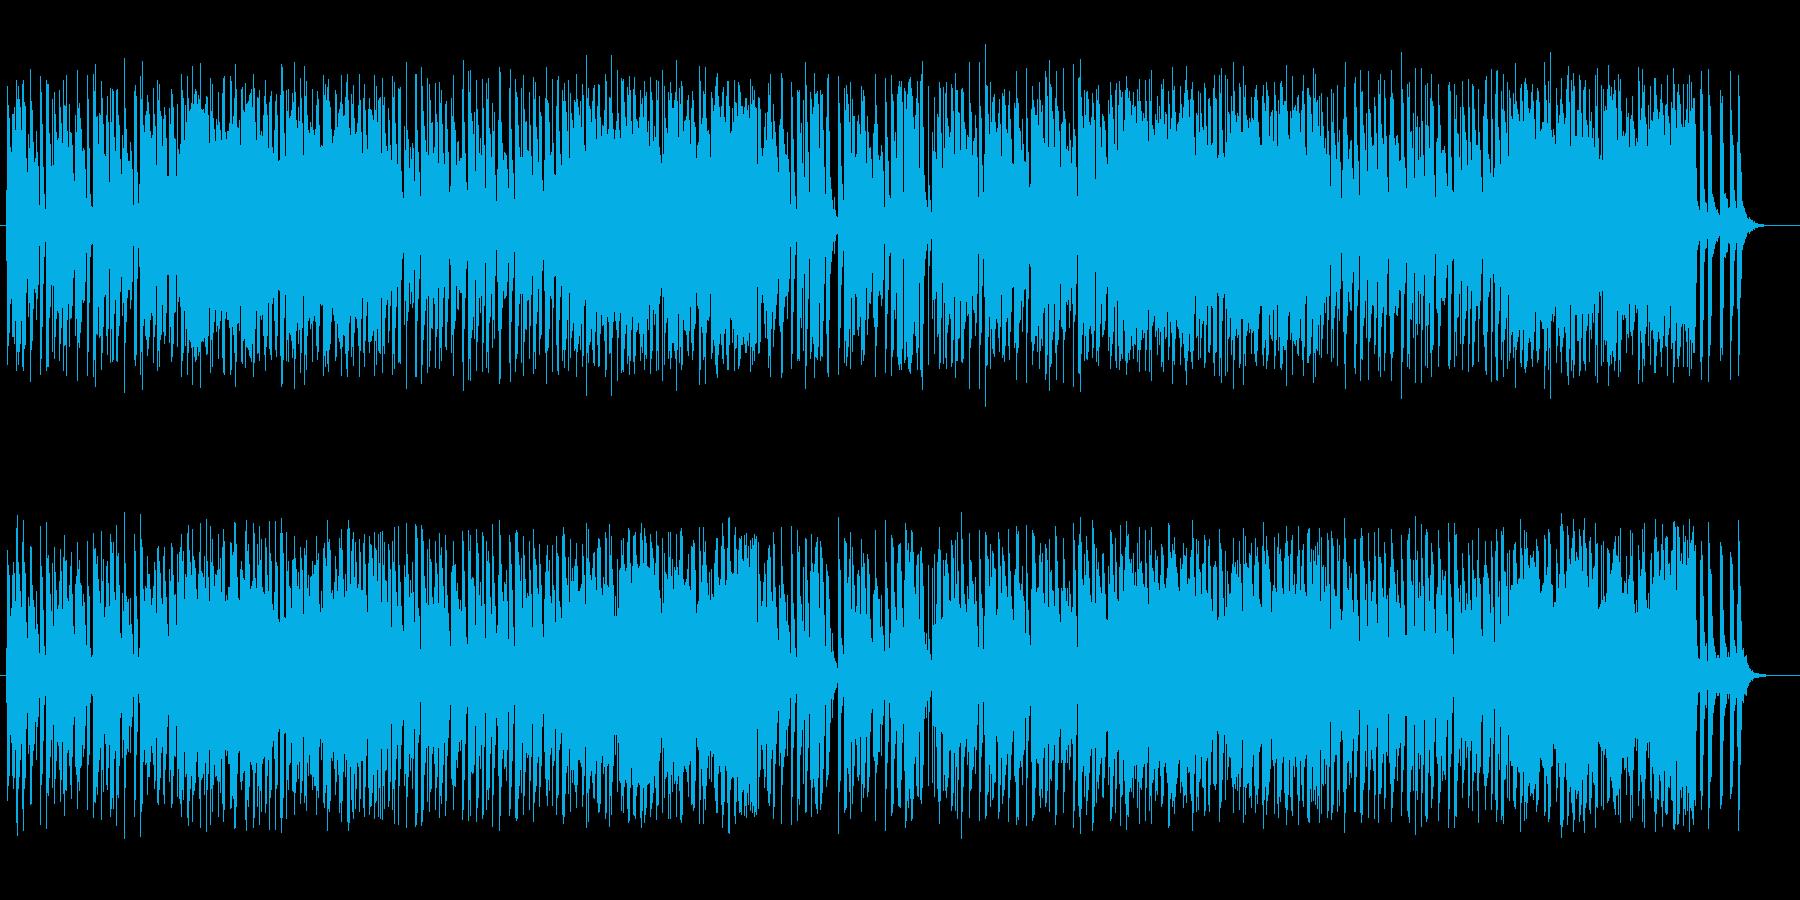 小踊りしそうな軽快なピアノポップの再生済みの波形